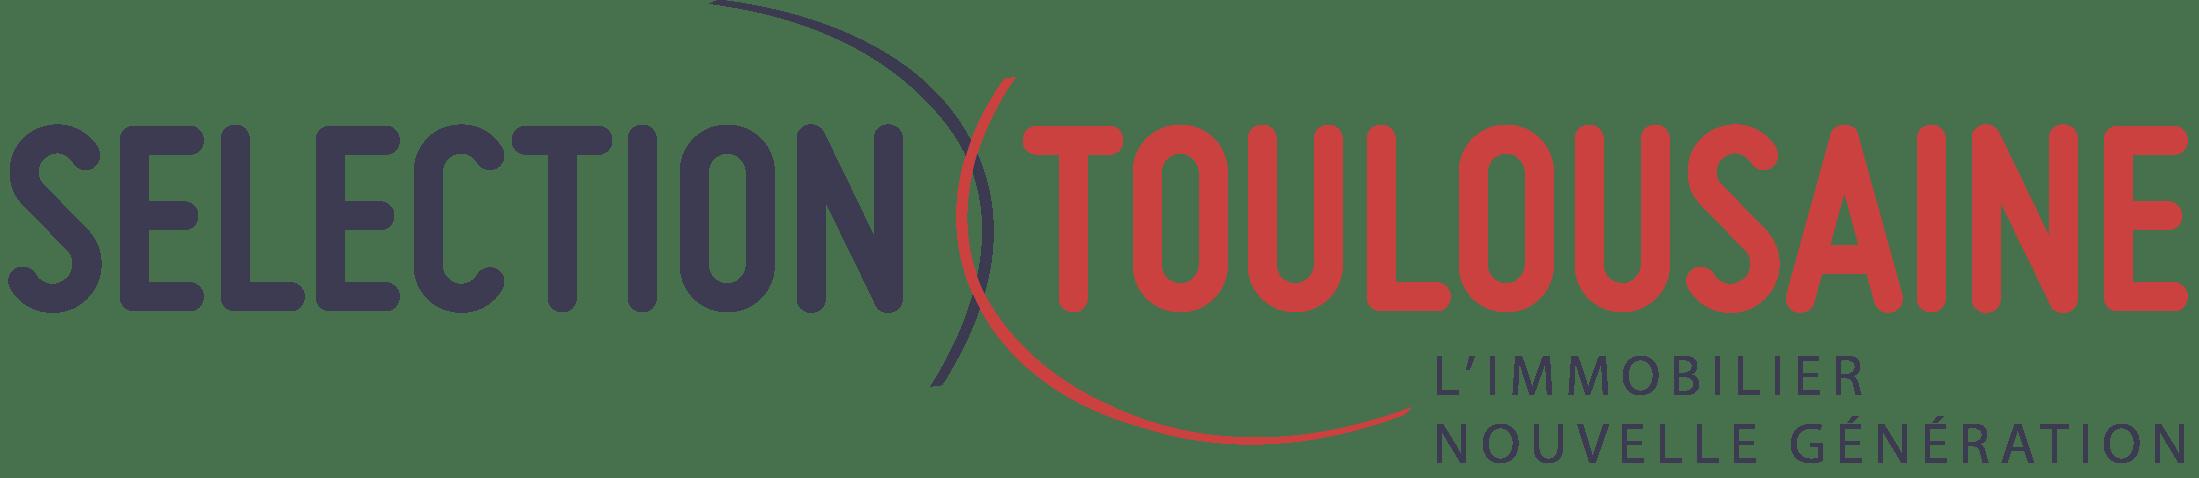 Sélection Toulousaine est une agence immobilière indépendante située à Bordeaux Pey-Berland. Nous vous proposons des solutions immobilières pour vendre, acheter et louer des biens à courte durée.